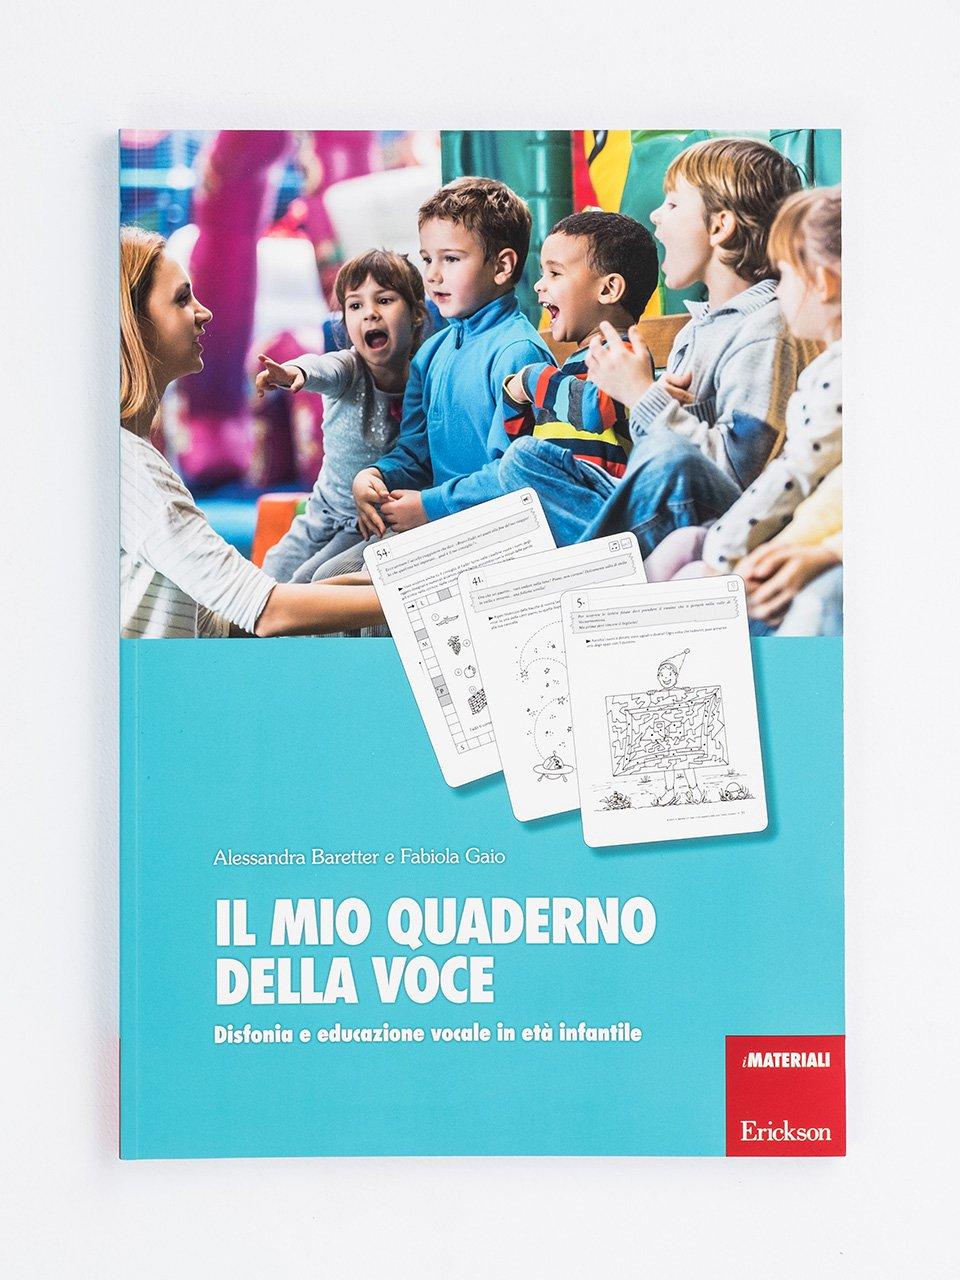 Il mio quaderno della voce - Test TVL - Valutazione del linguaggio - Libri - Strumenti - Erickson